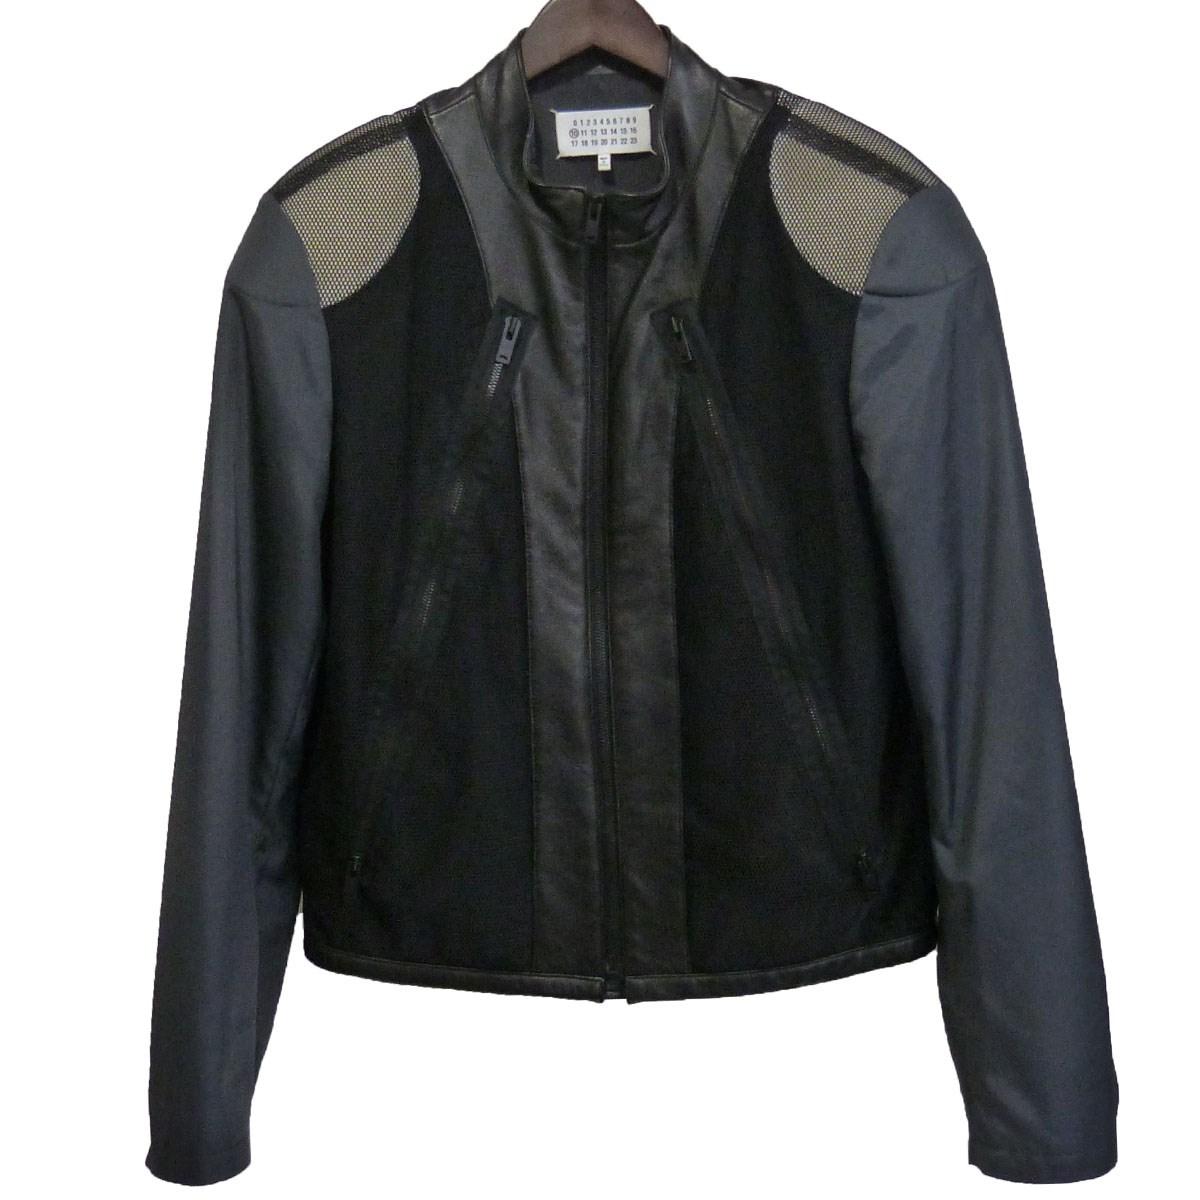 【中古】Maison Margiela 10 16SS 異素材切替八の字ライダースジャケット ブラック サイズ:48 【010920】(メゾンマルジェラ10)